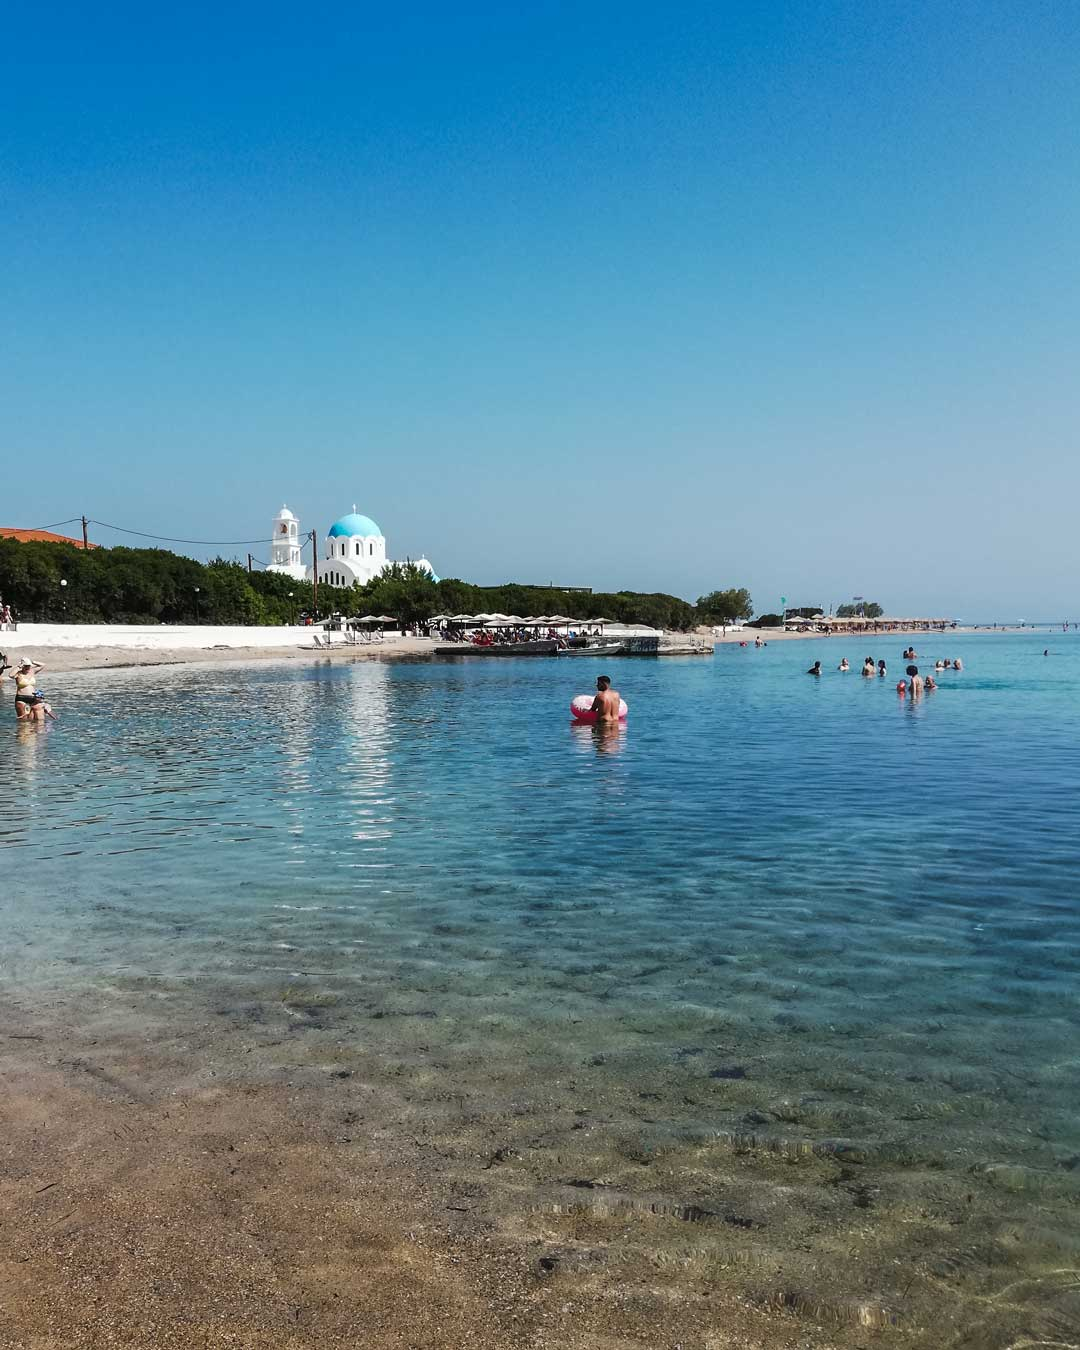 καλοκαίρι στο Αγκίστρι παραλία Σκάλα